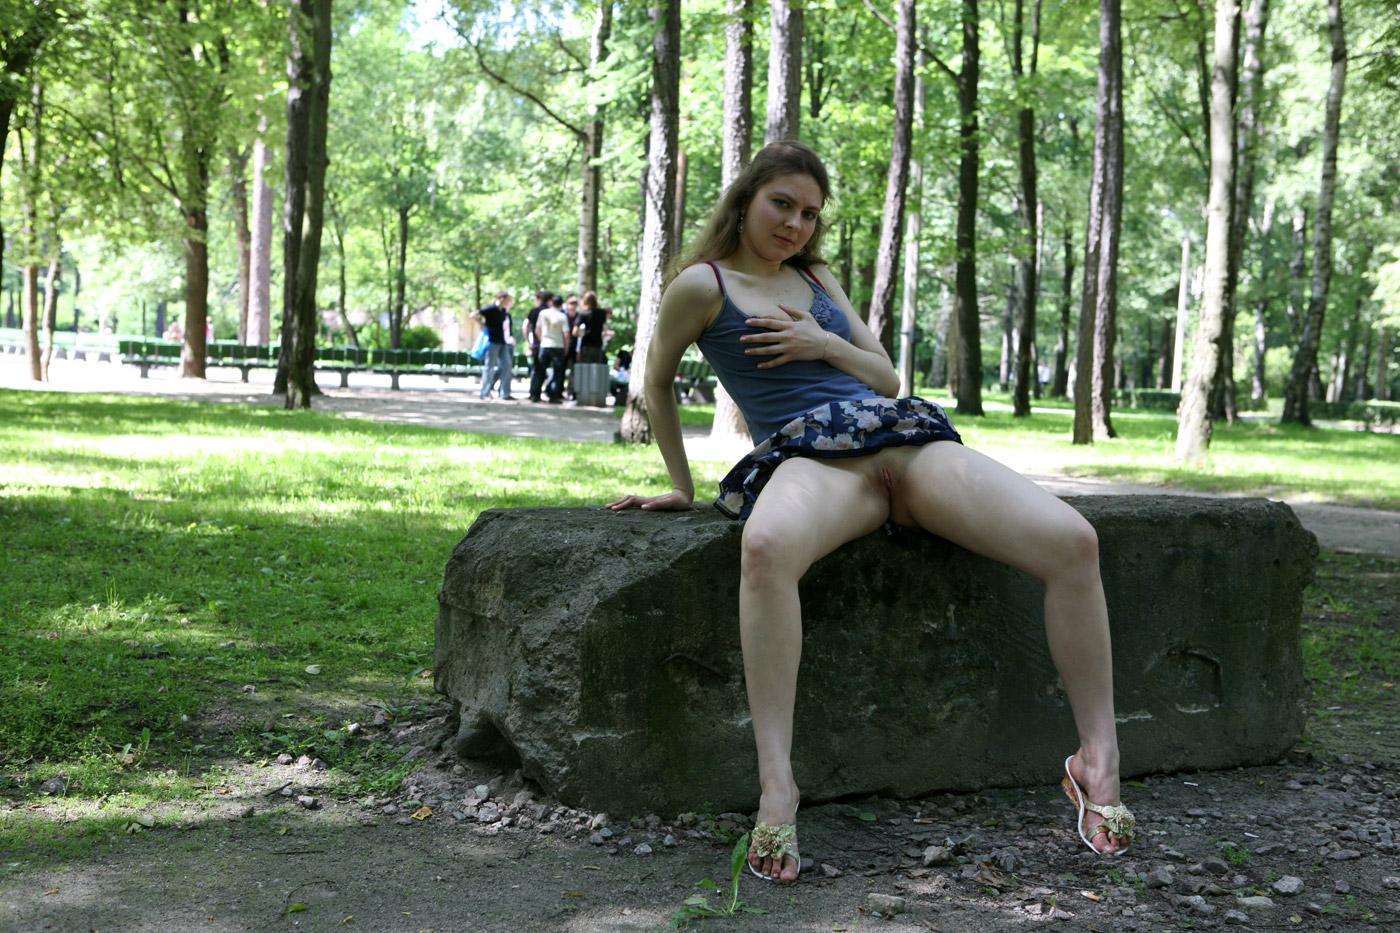 Девушки В Парке Без Трусов Смотреть Только Видео